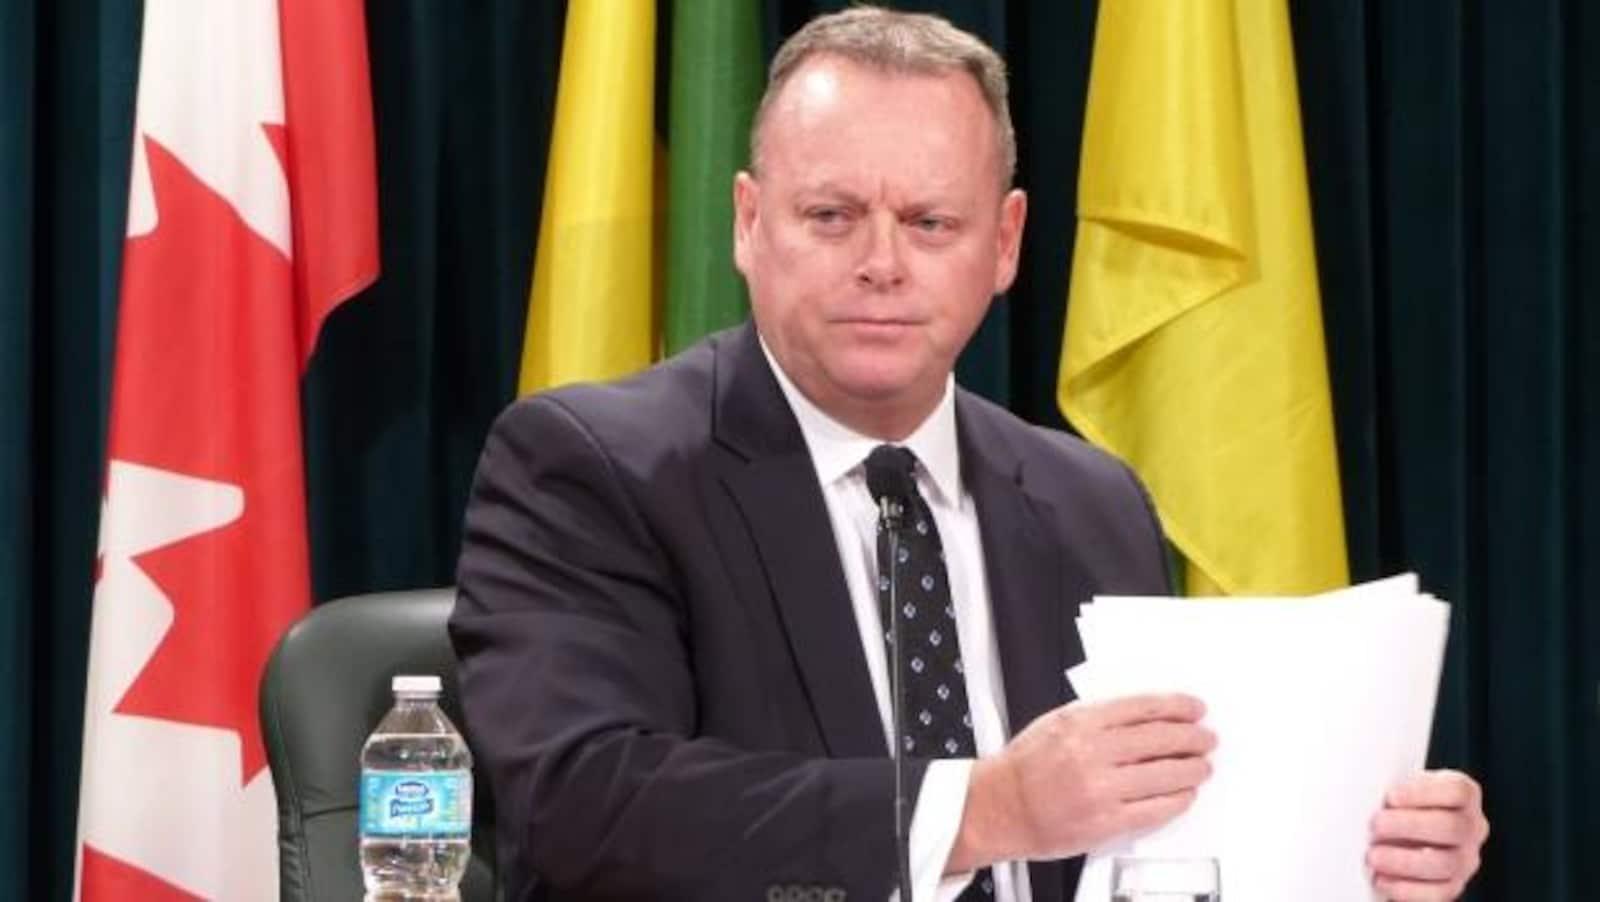 Le ministre des Finances de la Saskatchewan est assis à une table et tient des feuilles blanches. En arrière-plan, les drapeaux du Canada et de la Saskatchewan.